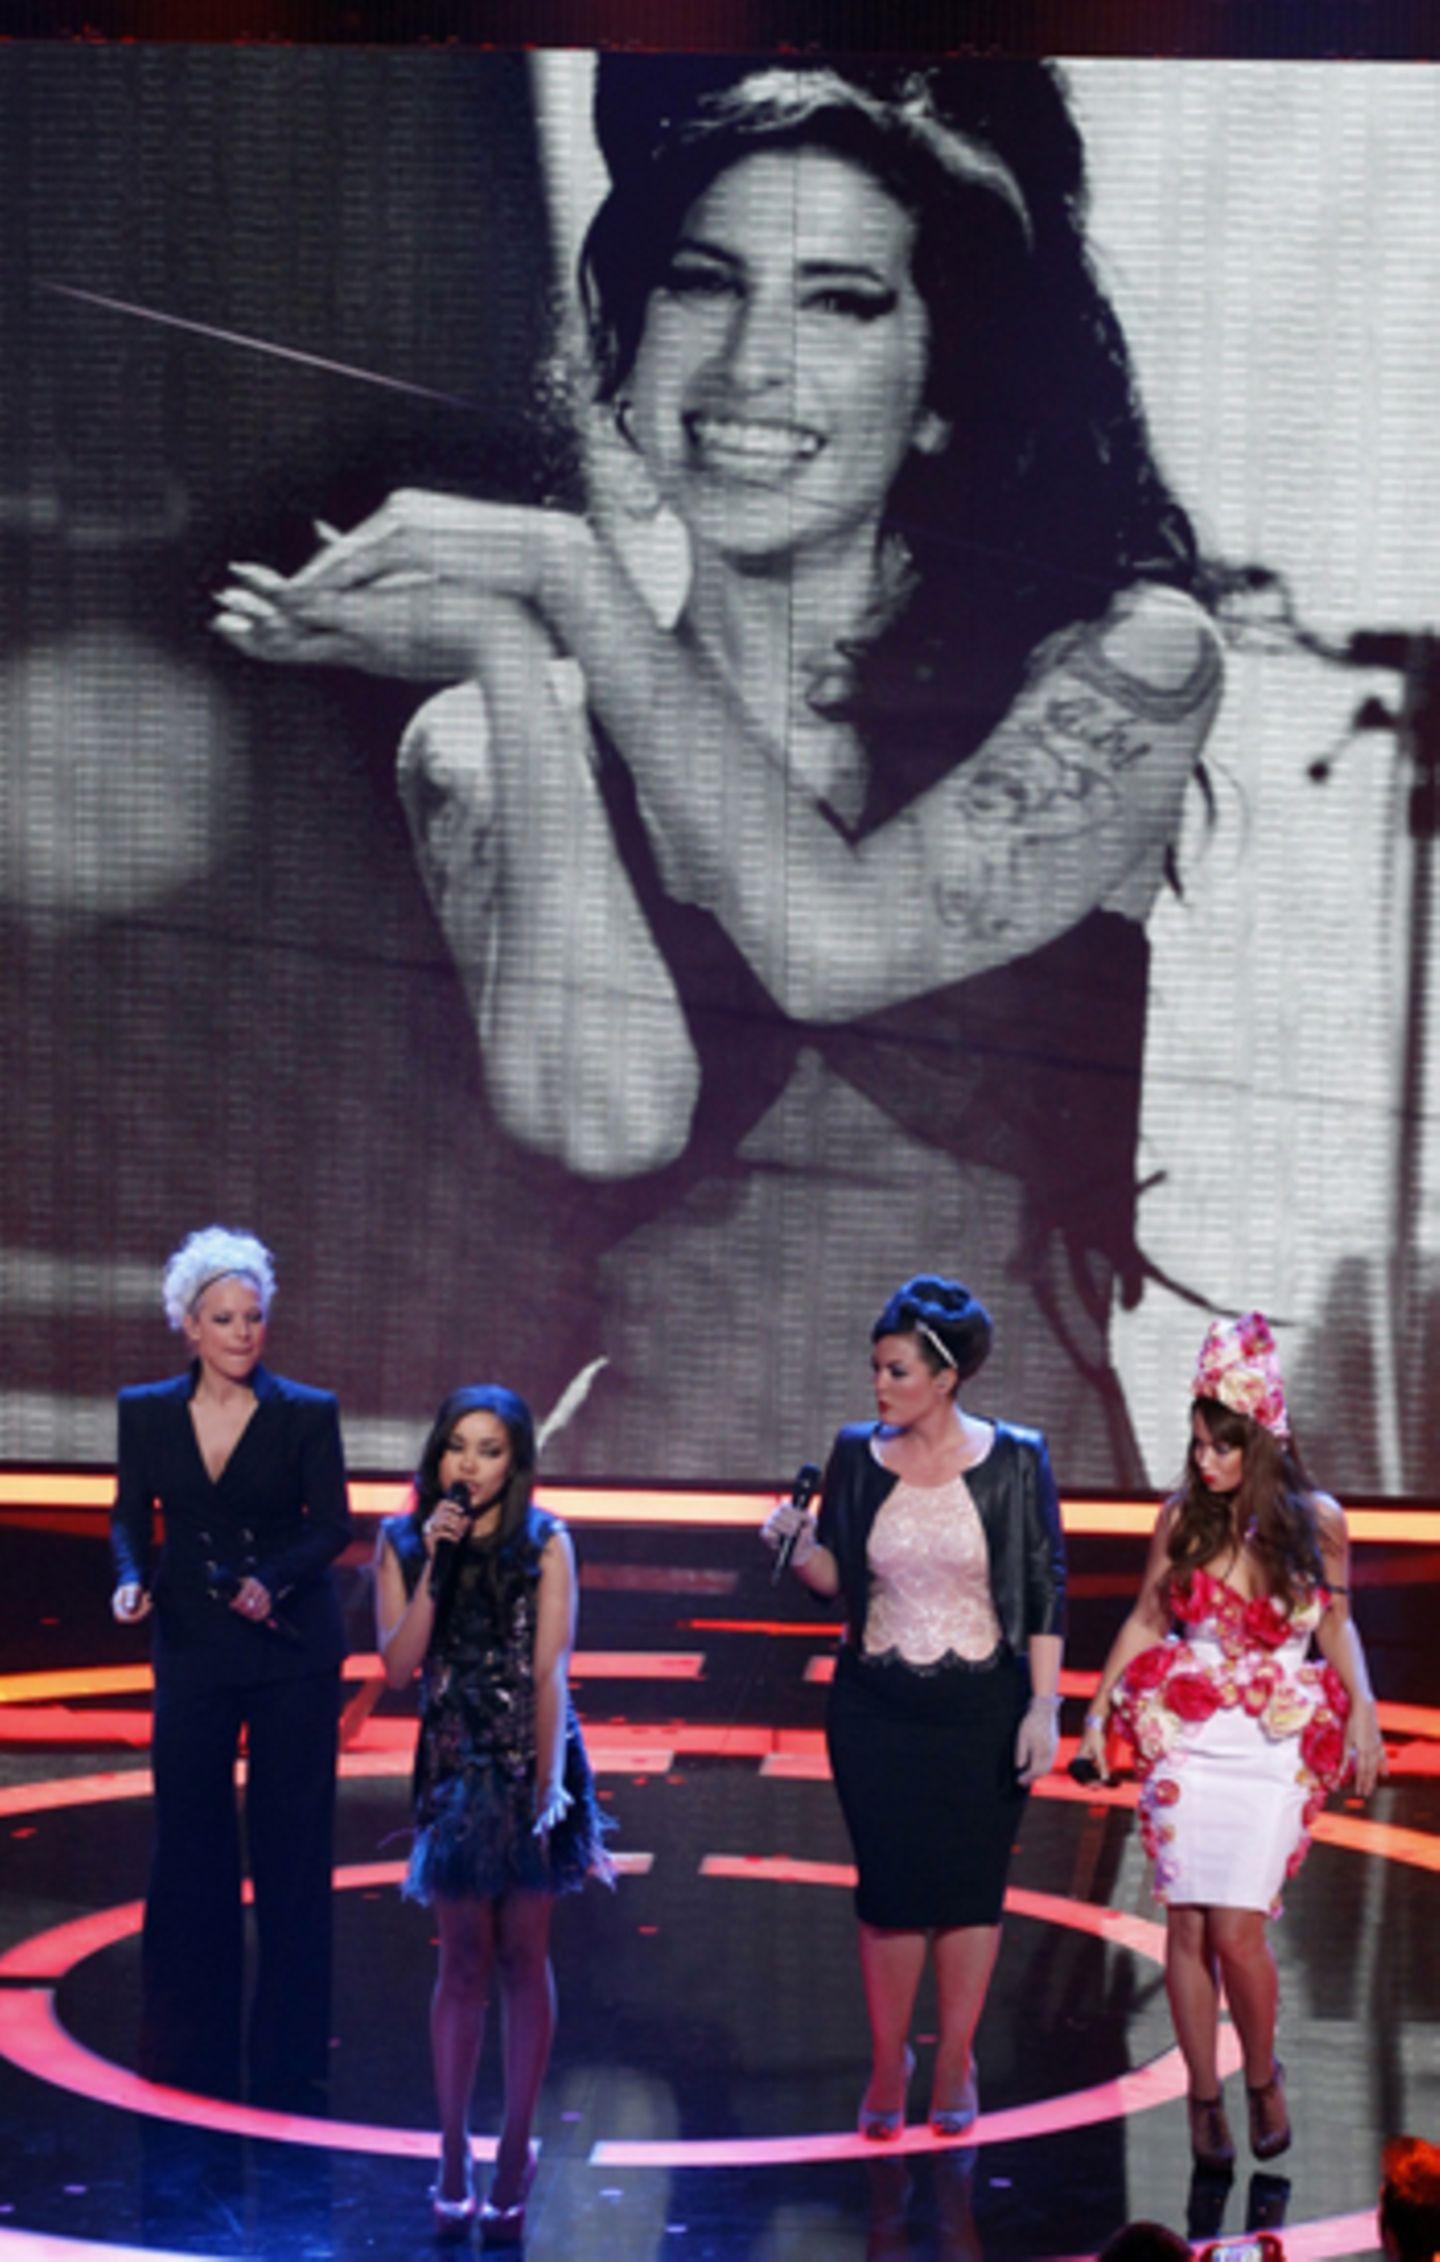 """""""A Tribute to Amy Winehouse"""": Ina Müller, Dionne Bromfield, Caro Emerald und Aura Dione singen gemeinsam Amys Hit """"Valerie"""". Die"""